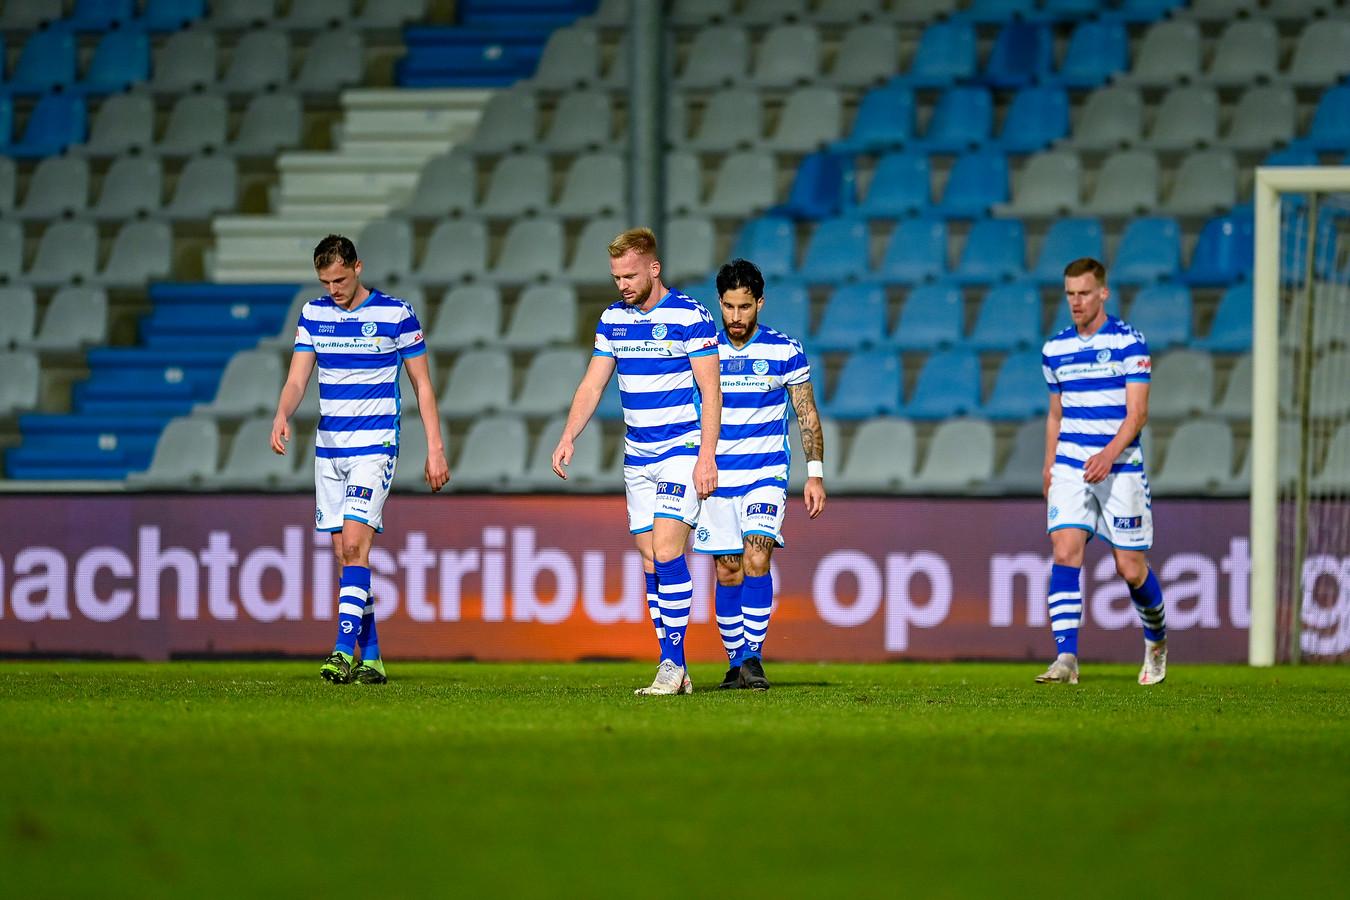 Teleurstelling bij De Graafschap-spelers Clint Leemans, Melvin Platje, Jordy Tutuarima en Toine van Huizen (vanaf links) na de 1-1 tegen Jong AZ.